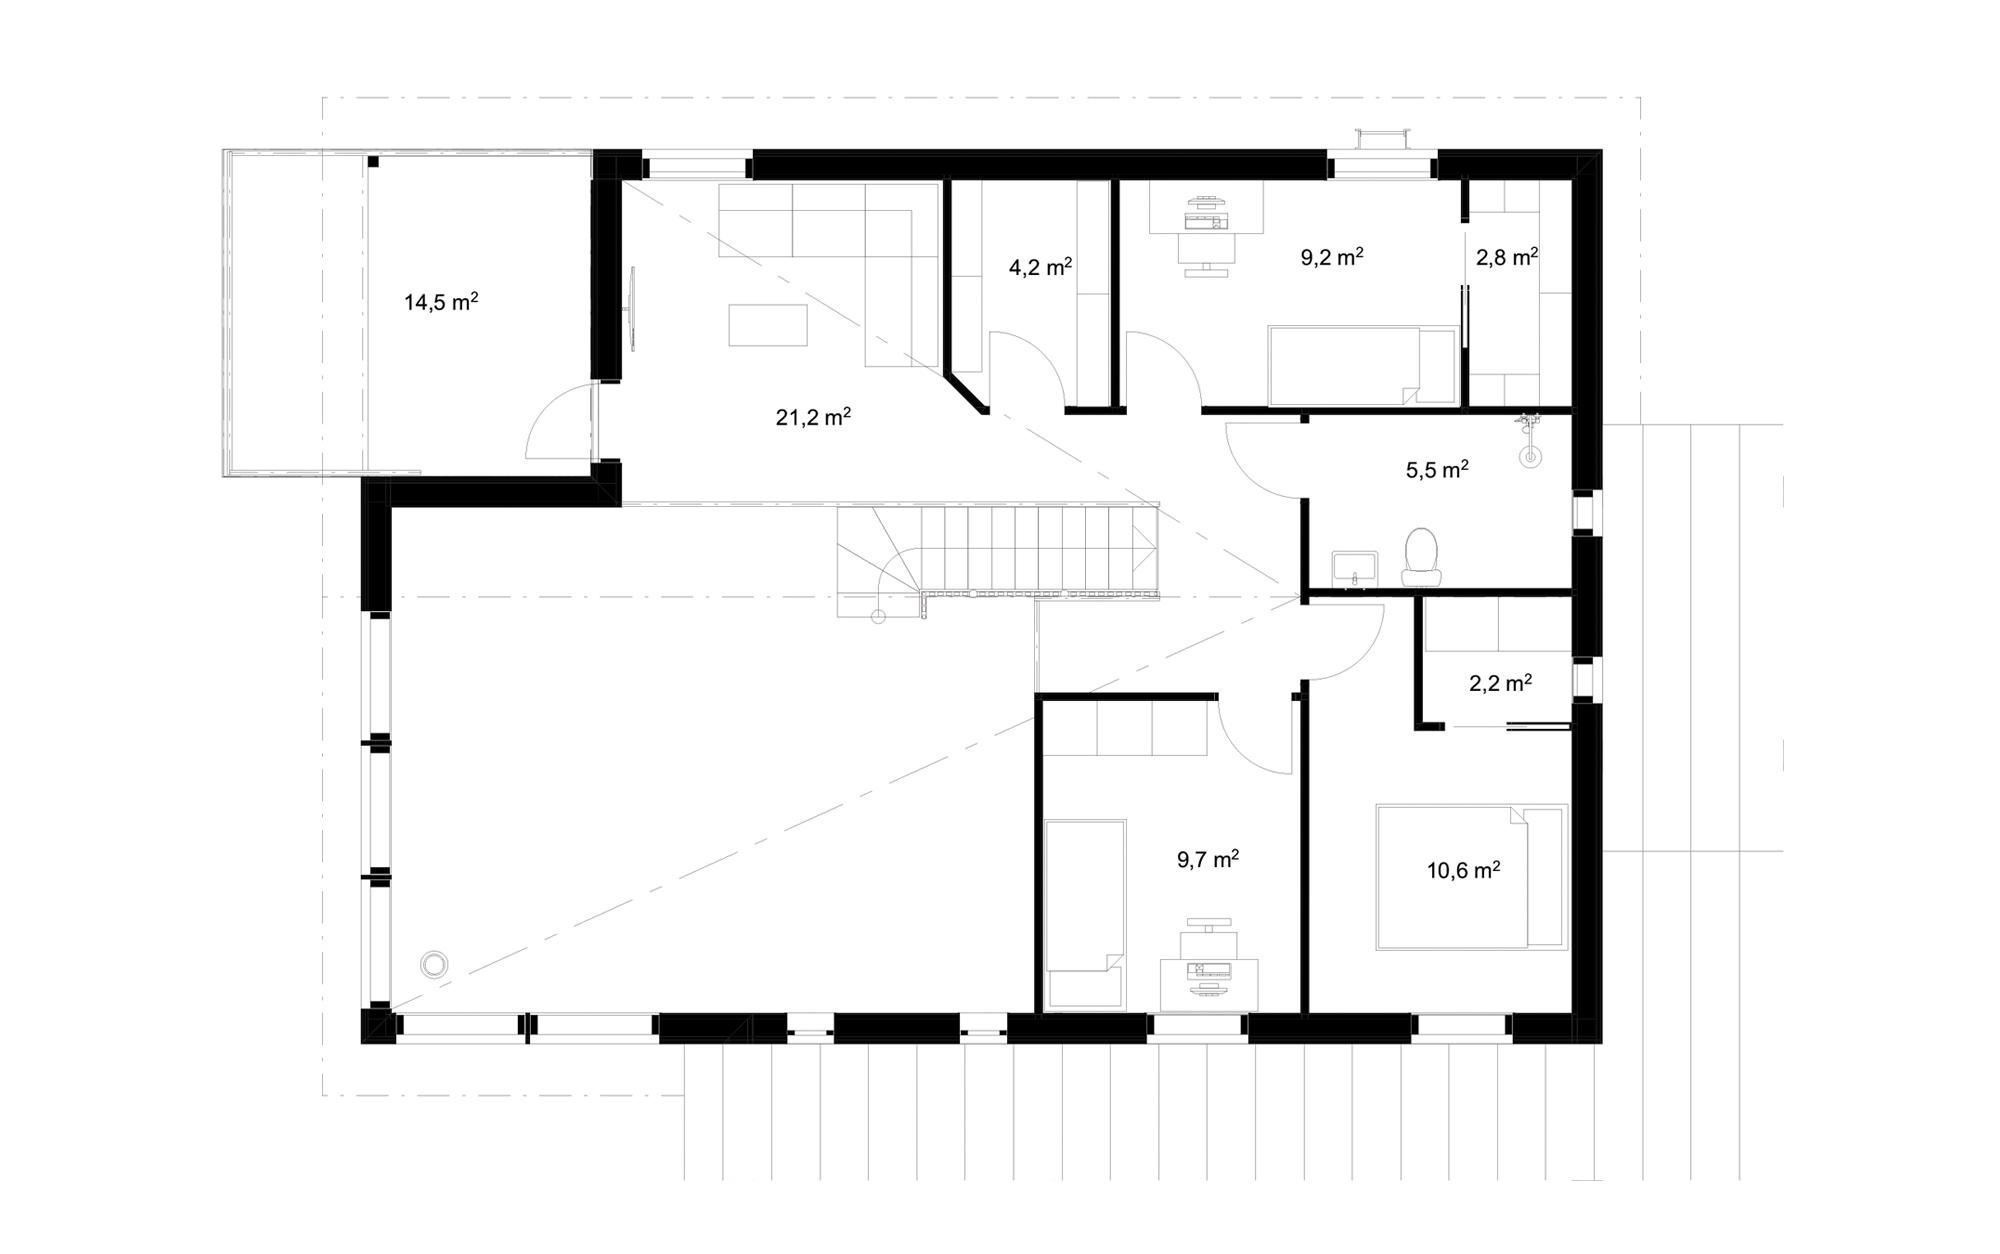 villa-1-planritning-floor-2